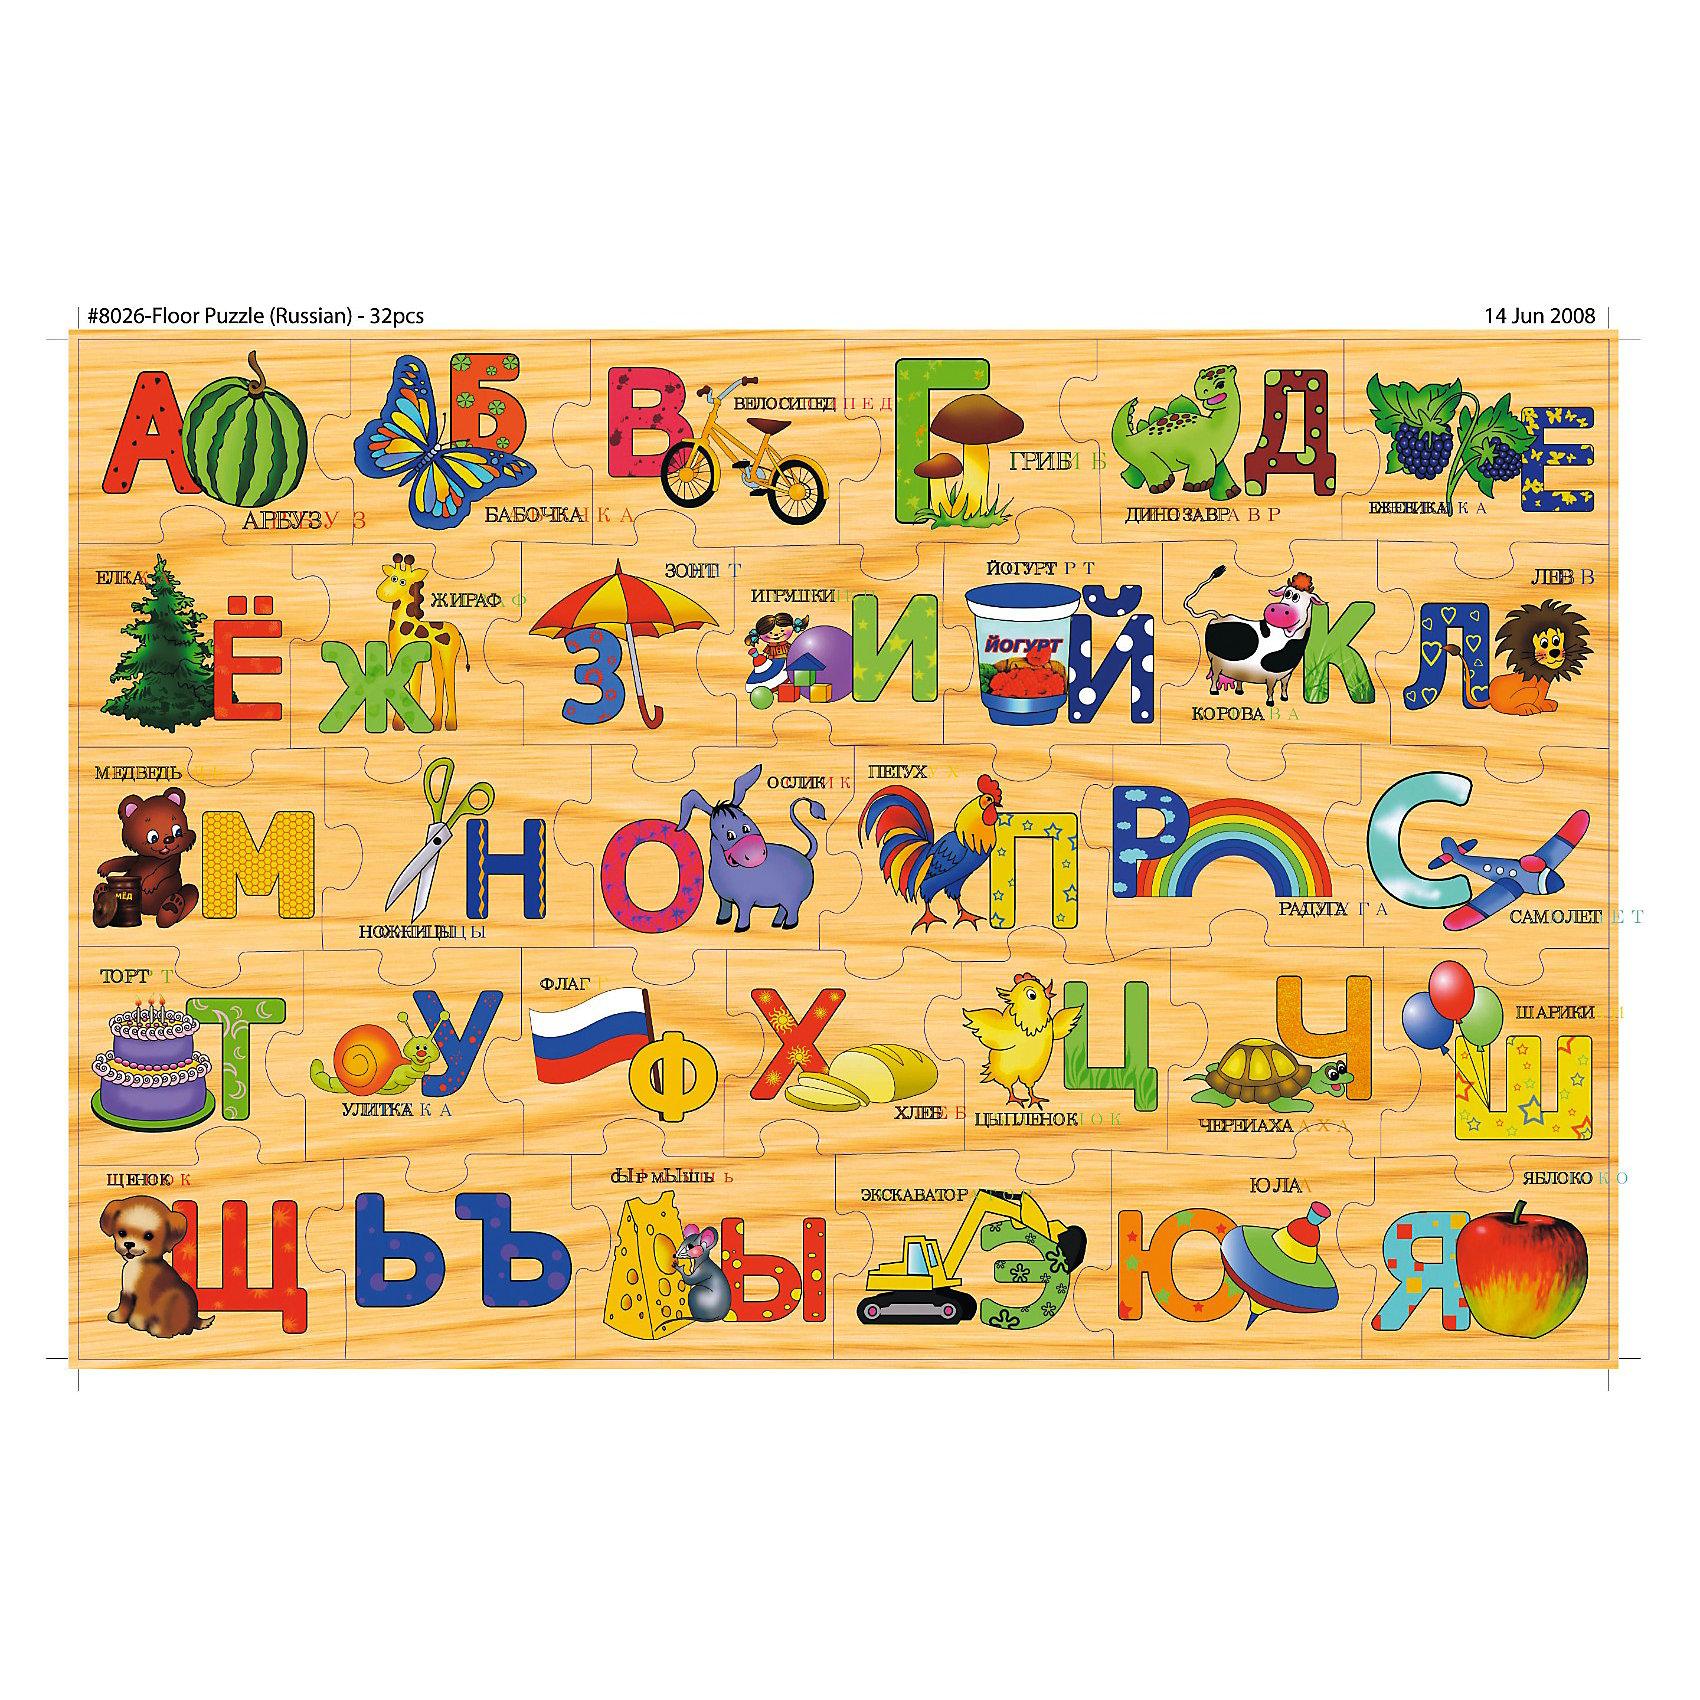 Алфавит, СТЕЛЛА+Касса букв<br>Алфавит, СТЕЛЛА+<br><br>Характеристики:<br><br>• пазл для изучения алфавита<br>• безопасен для ребенка<br>• количество деталей: 32<br>• материал: дерево<br>• размер собранного пазла: 96х61 см<br><br>Пазл-алфавит поможет вашему малышу выучить буквы в игровой форме. Пазл изготовлен из дерева и состоит из 32-х деталей. На каждой детали нарисована буква и соответствующая картинка. Вы можете предложить крохе найти букву, а затем поставить ее в нужное место, чтобы получился целый пазл. Эта игра поможет выучить алфавит, развить логическое мышление, внимание и мелкую моторику.<br><br>Алфавит, СТЕЛЛА+ вы можете купить в нашем интернет-магазине.<br><br>Ширина мм: 355<br>Глубина мм: 245<br>Высота мм: 65<br>Вес г: 1870<br>Возраст от месяцев: 36<br>Возраст до месяцев: 120<br>Пол: Унисекс<br>Возраст: Детский<br>SKU: 2328293